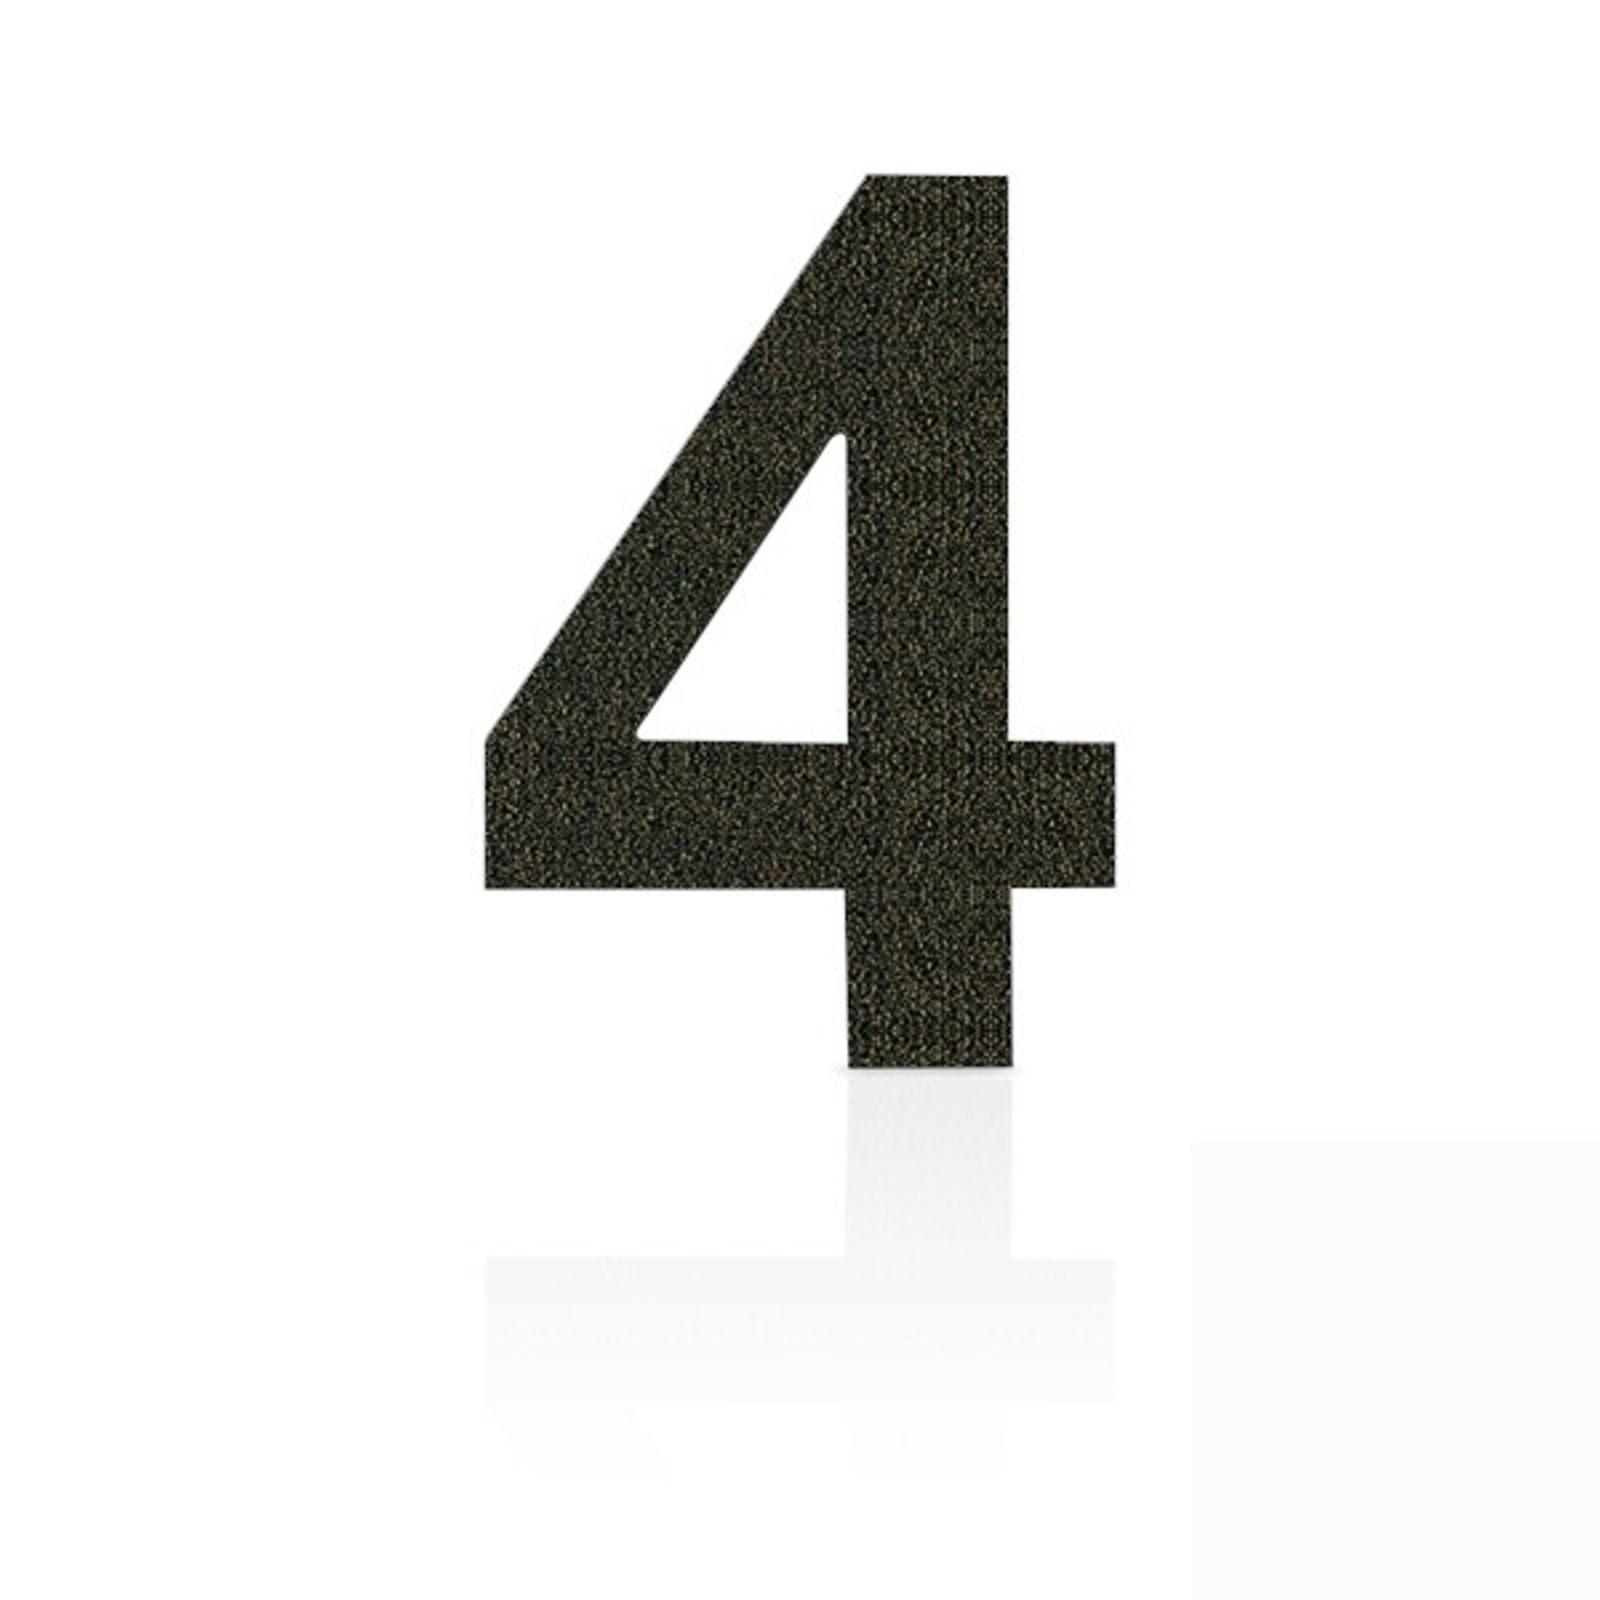 Produktové foto Heibi Nerezová domovní čísla číslice 4, hnědá mocca